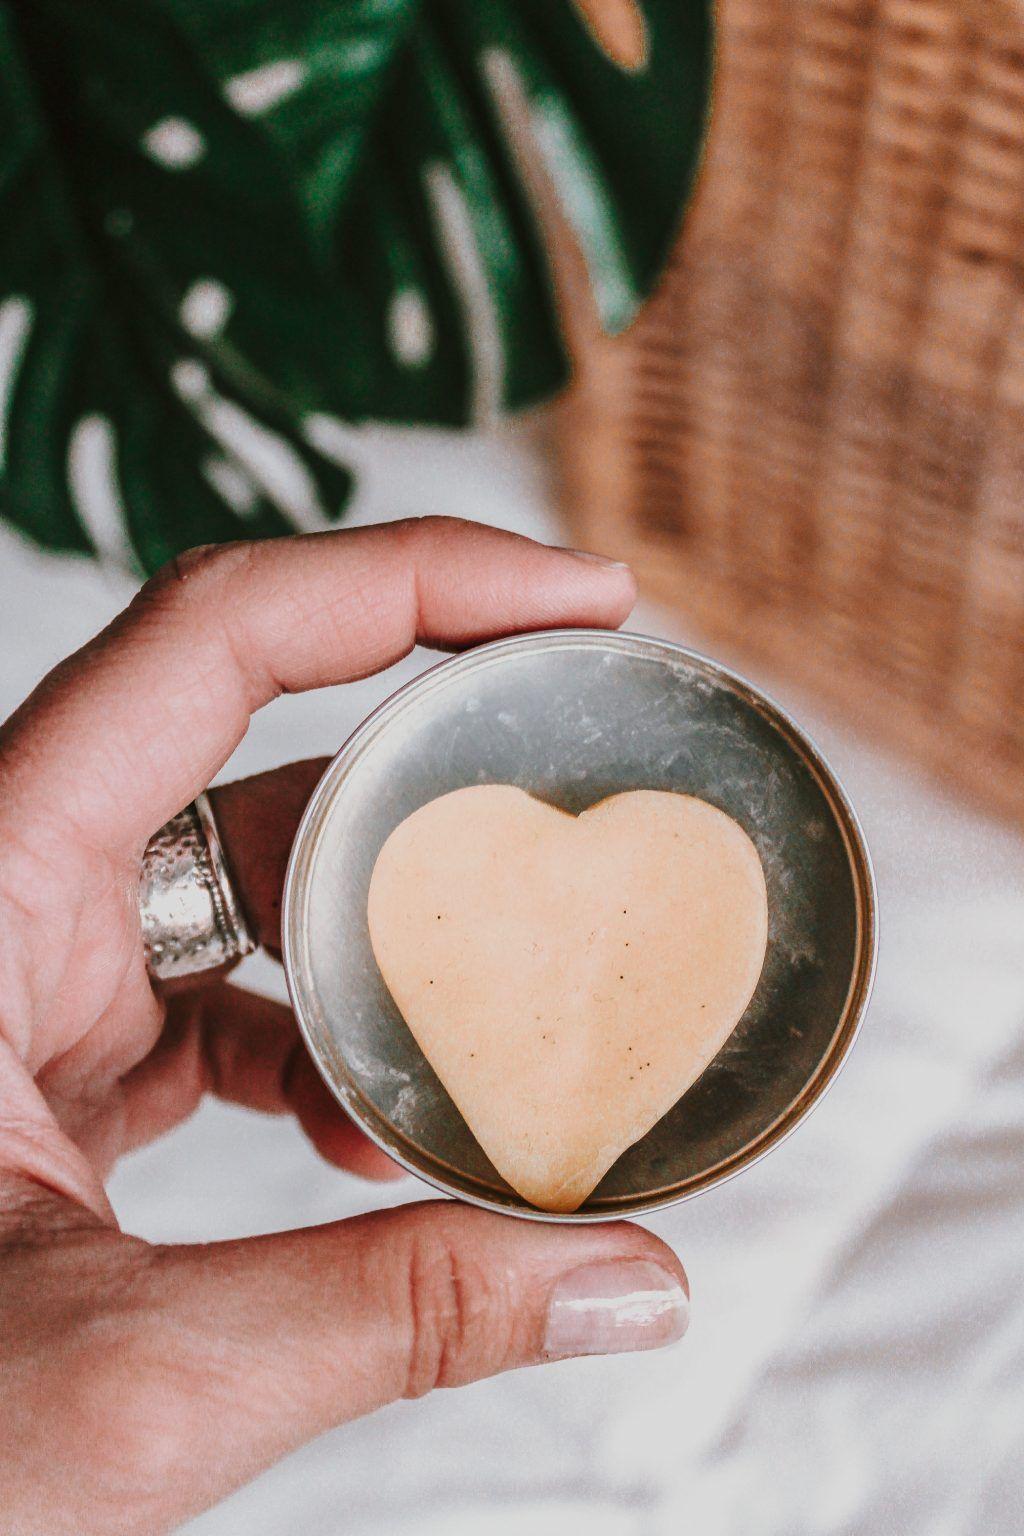 Herbivora Green Care - Aprende a elaborar tus propias recetas de cosmética en casa, de forma sencilla y con ingredientes 100% naturales